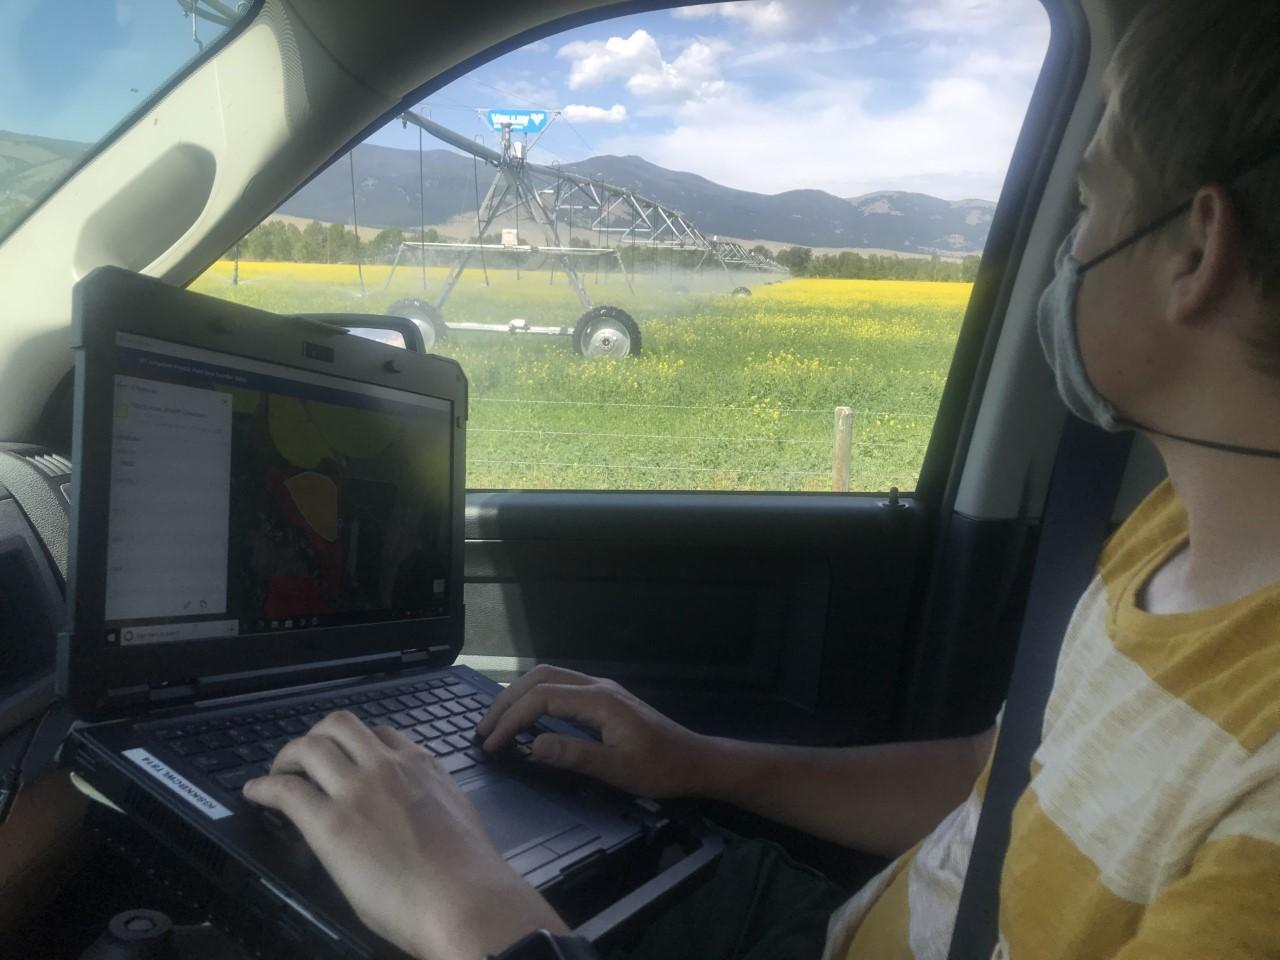 usgs montana field